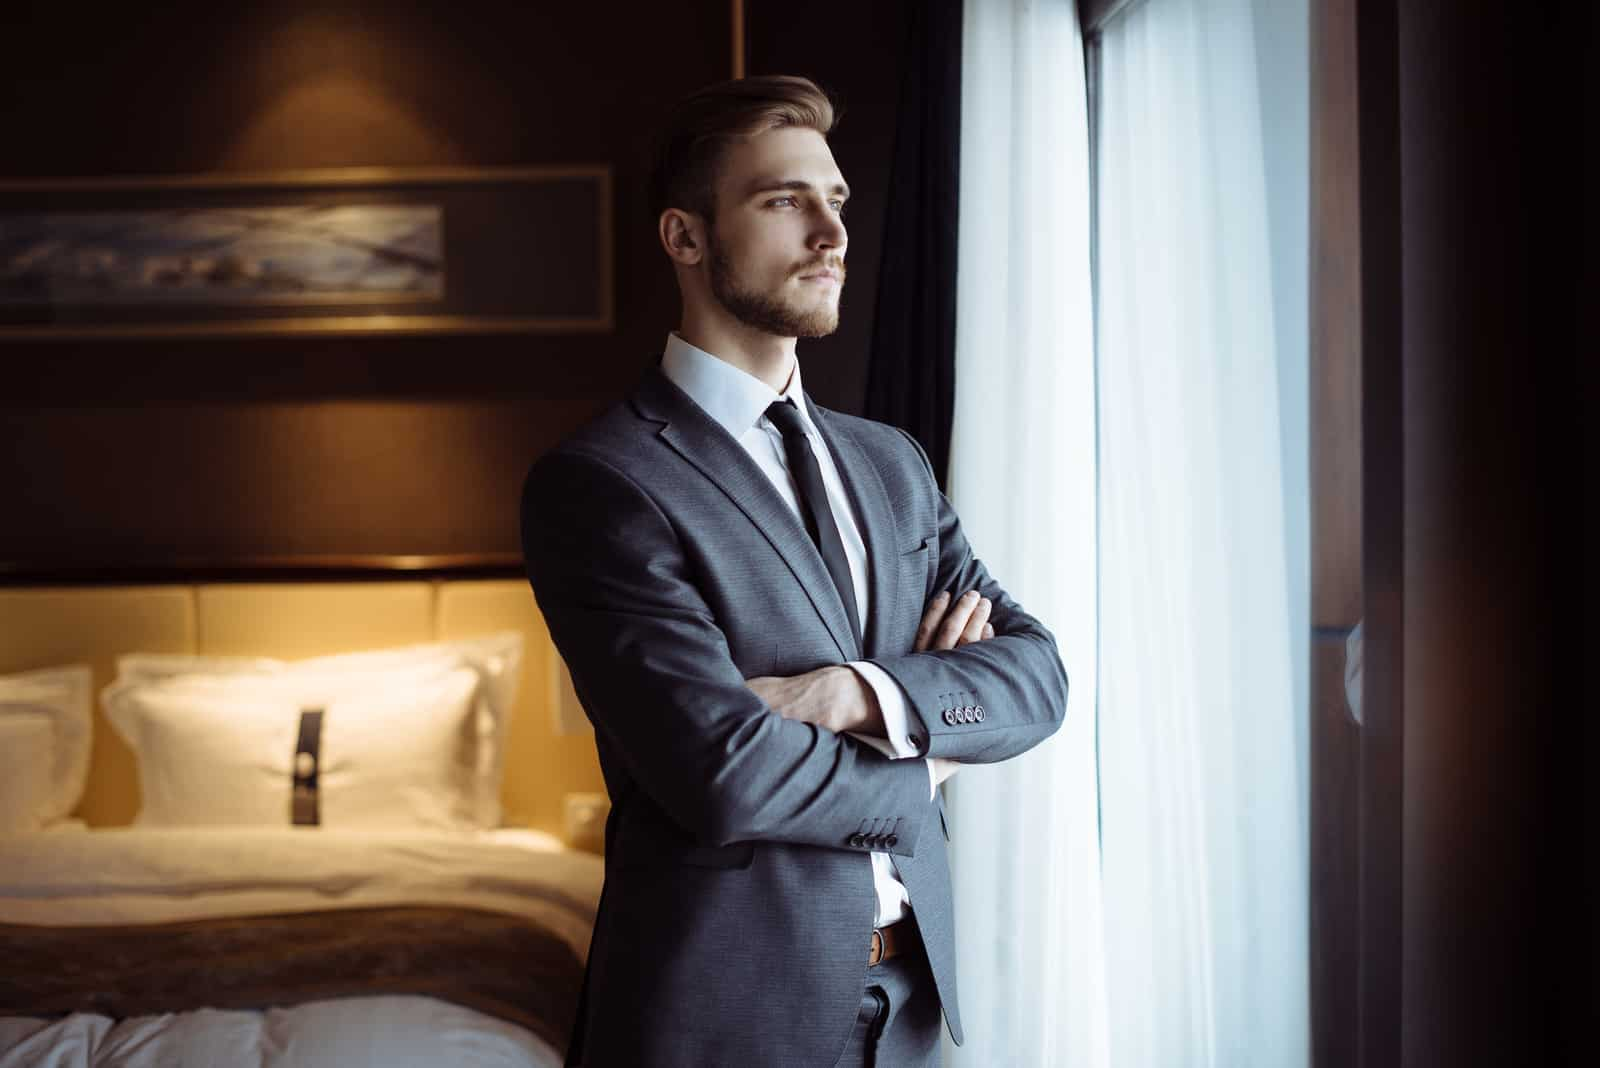 gutaussehender Mann, der sich in seiner Wohnung entspannt